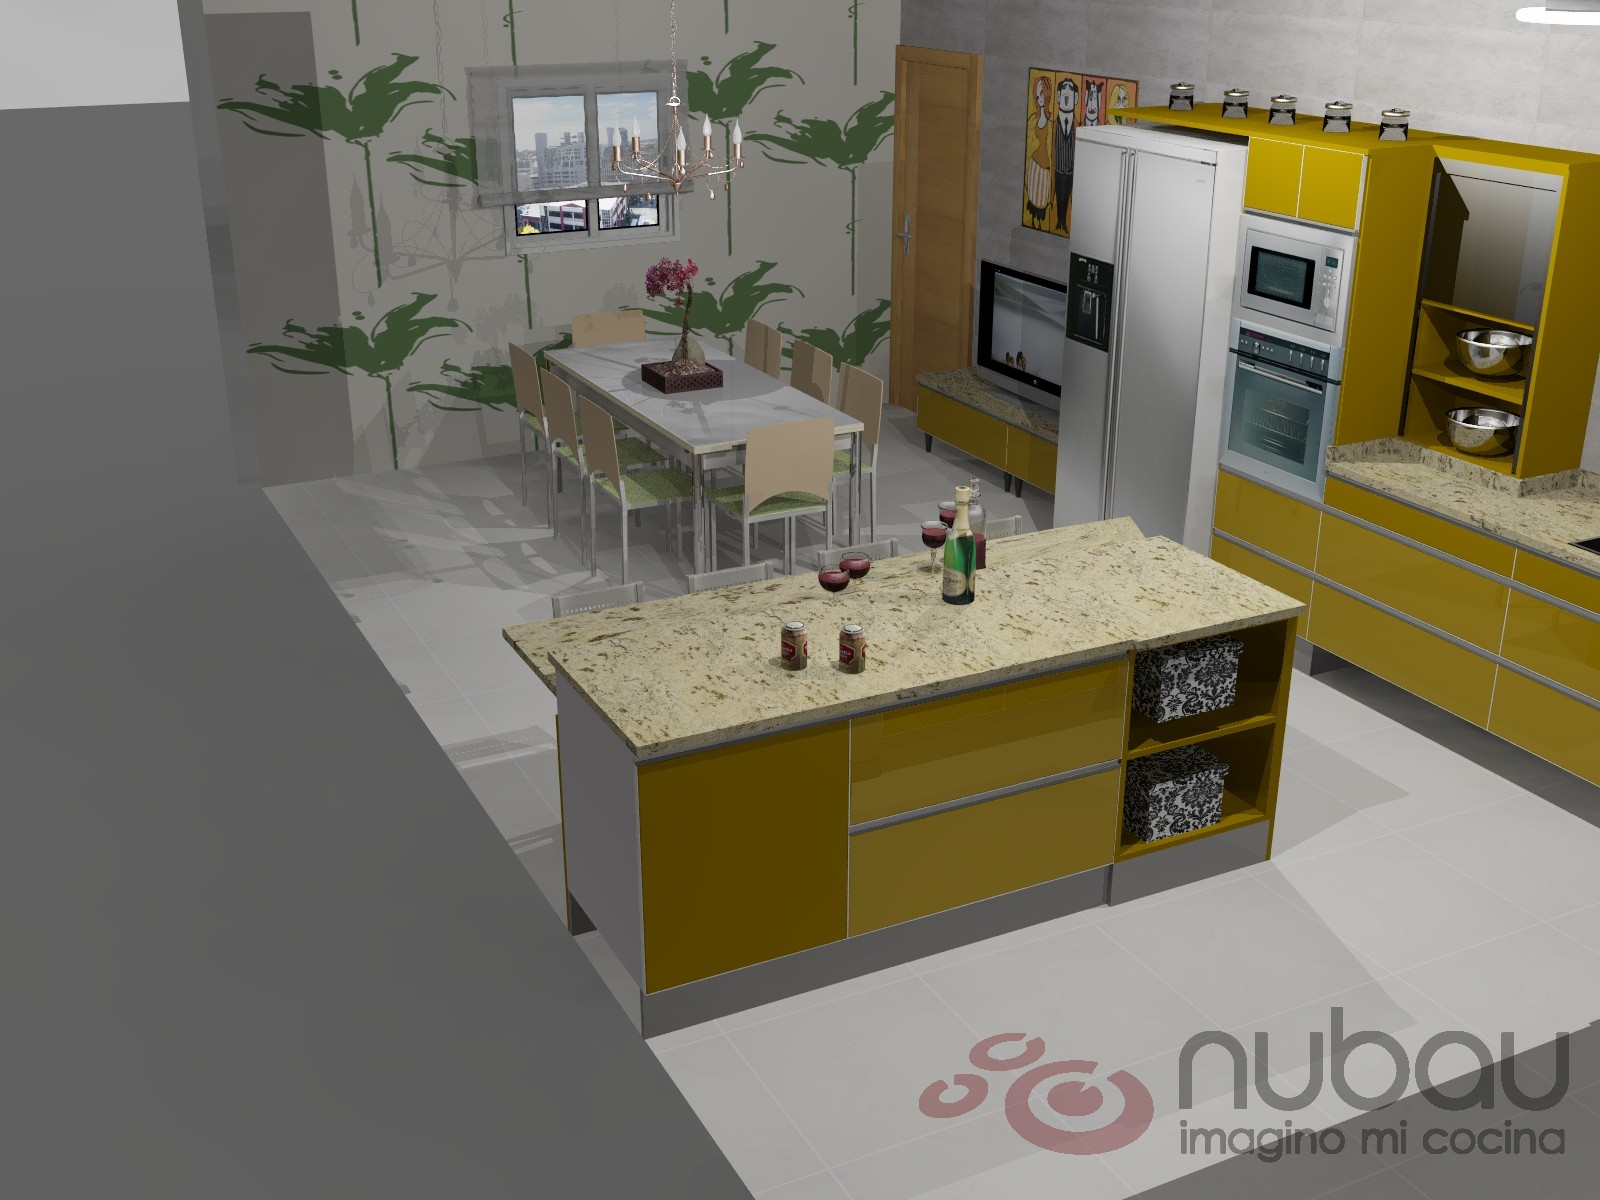 Qu es lo m s caro al cambiar de cocina for Muebles de cocina para montar